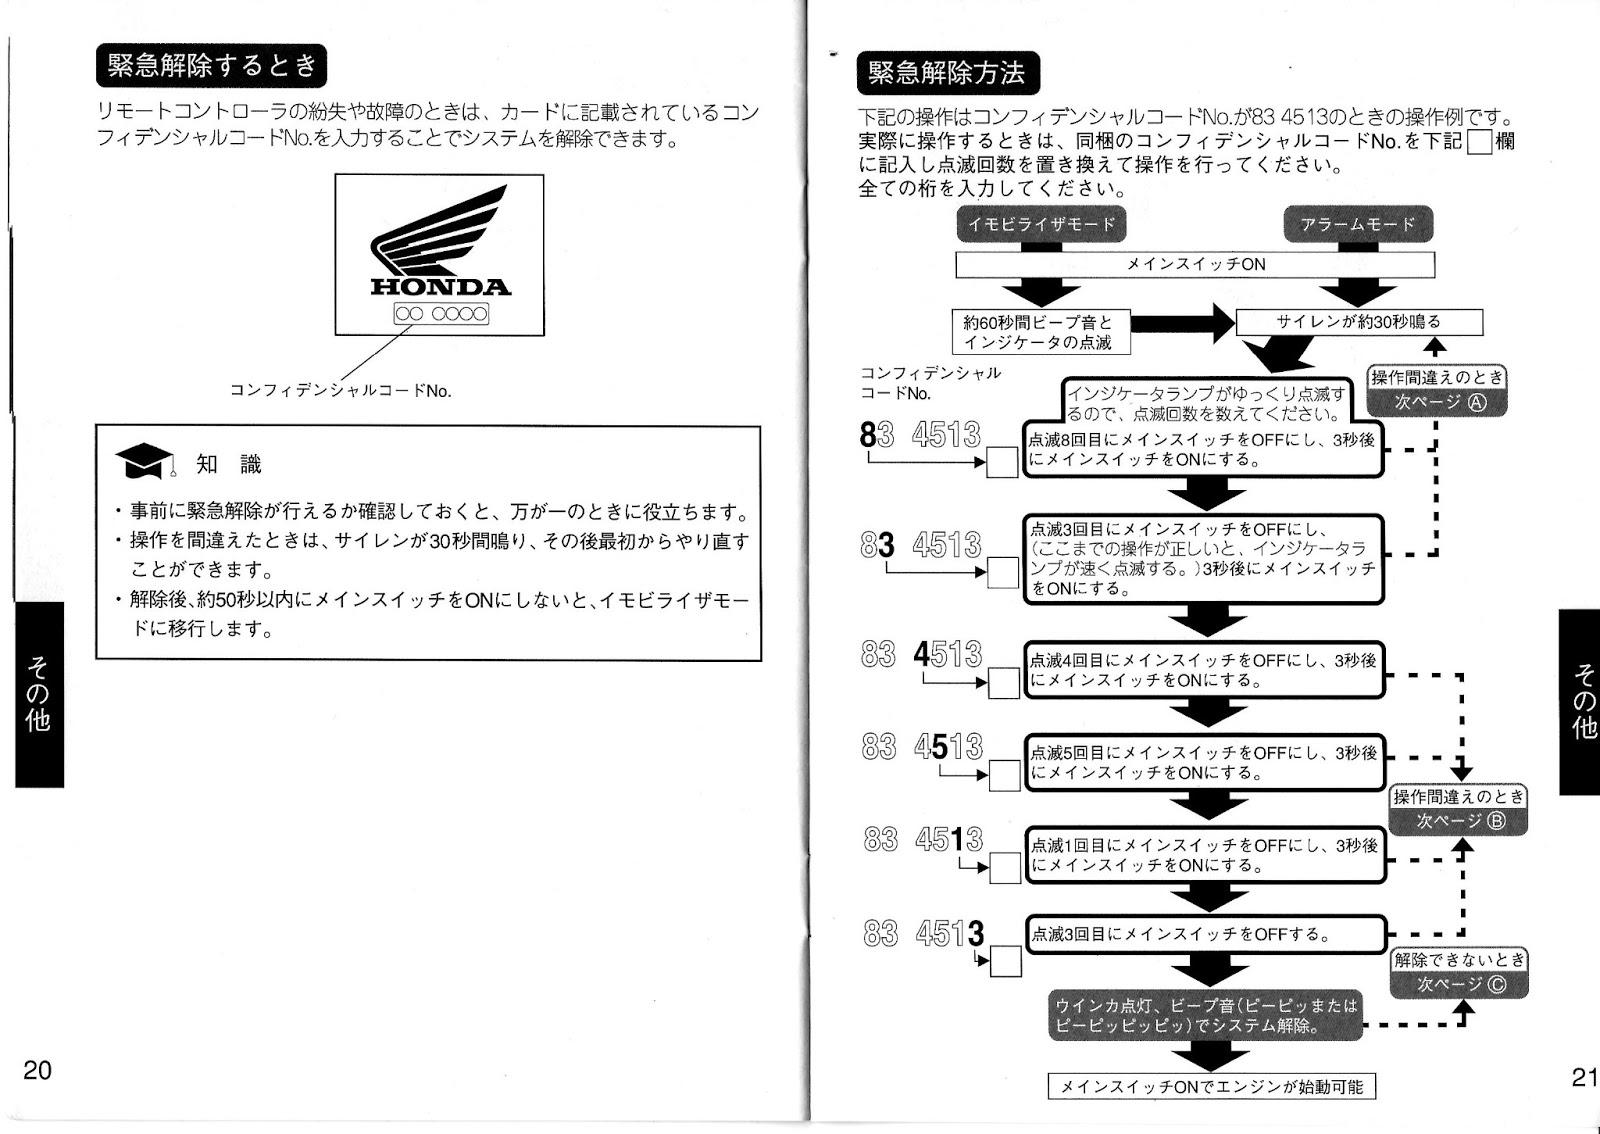 トトmemo: ホンダ リモコンイモビアラーム 取扱説明書